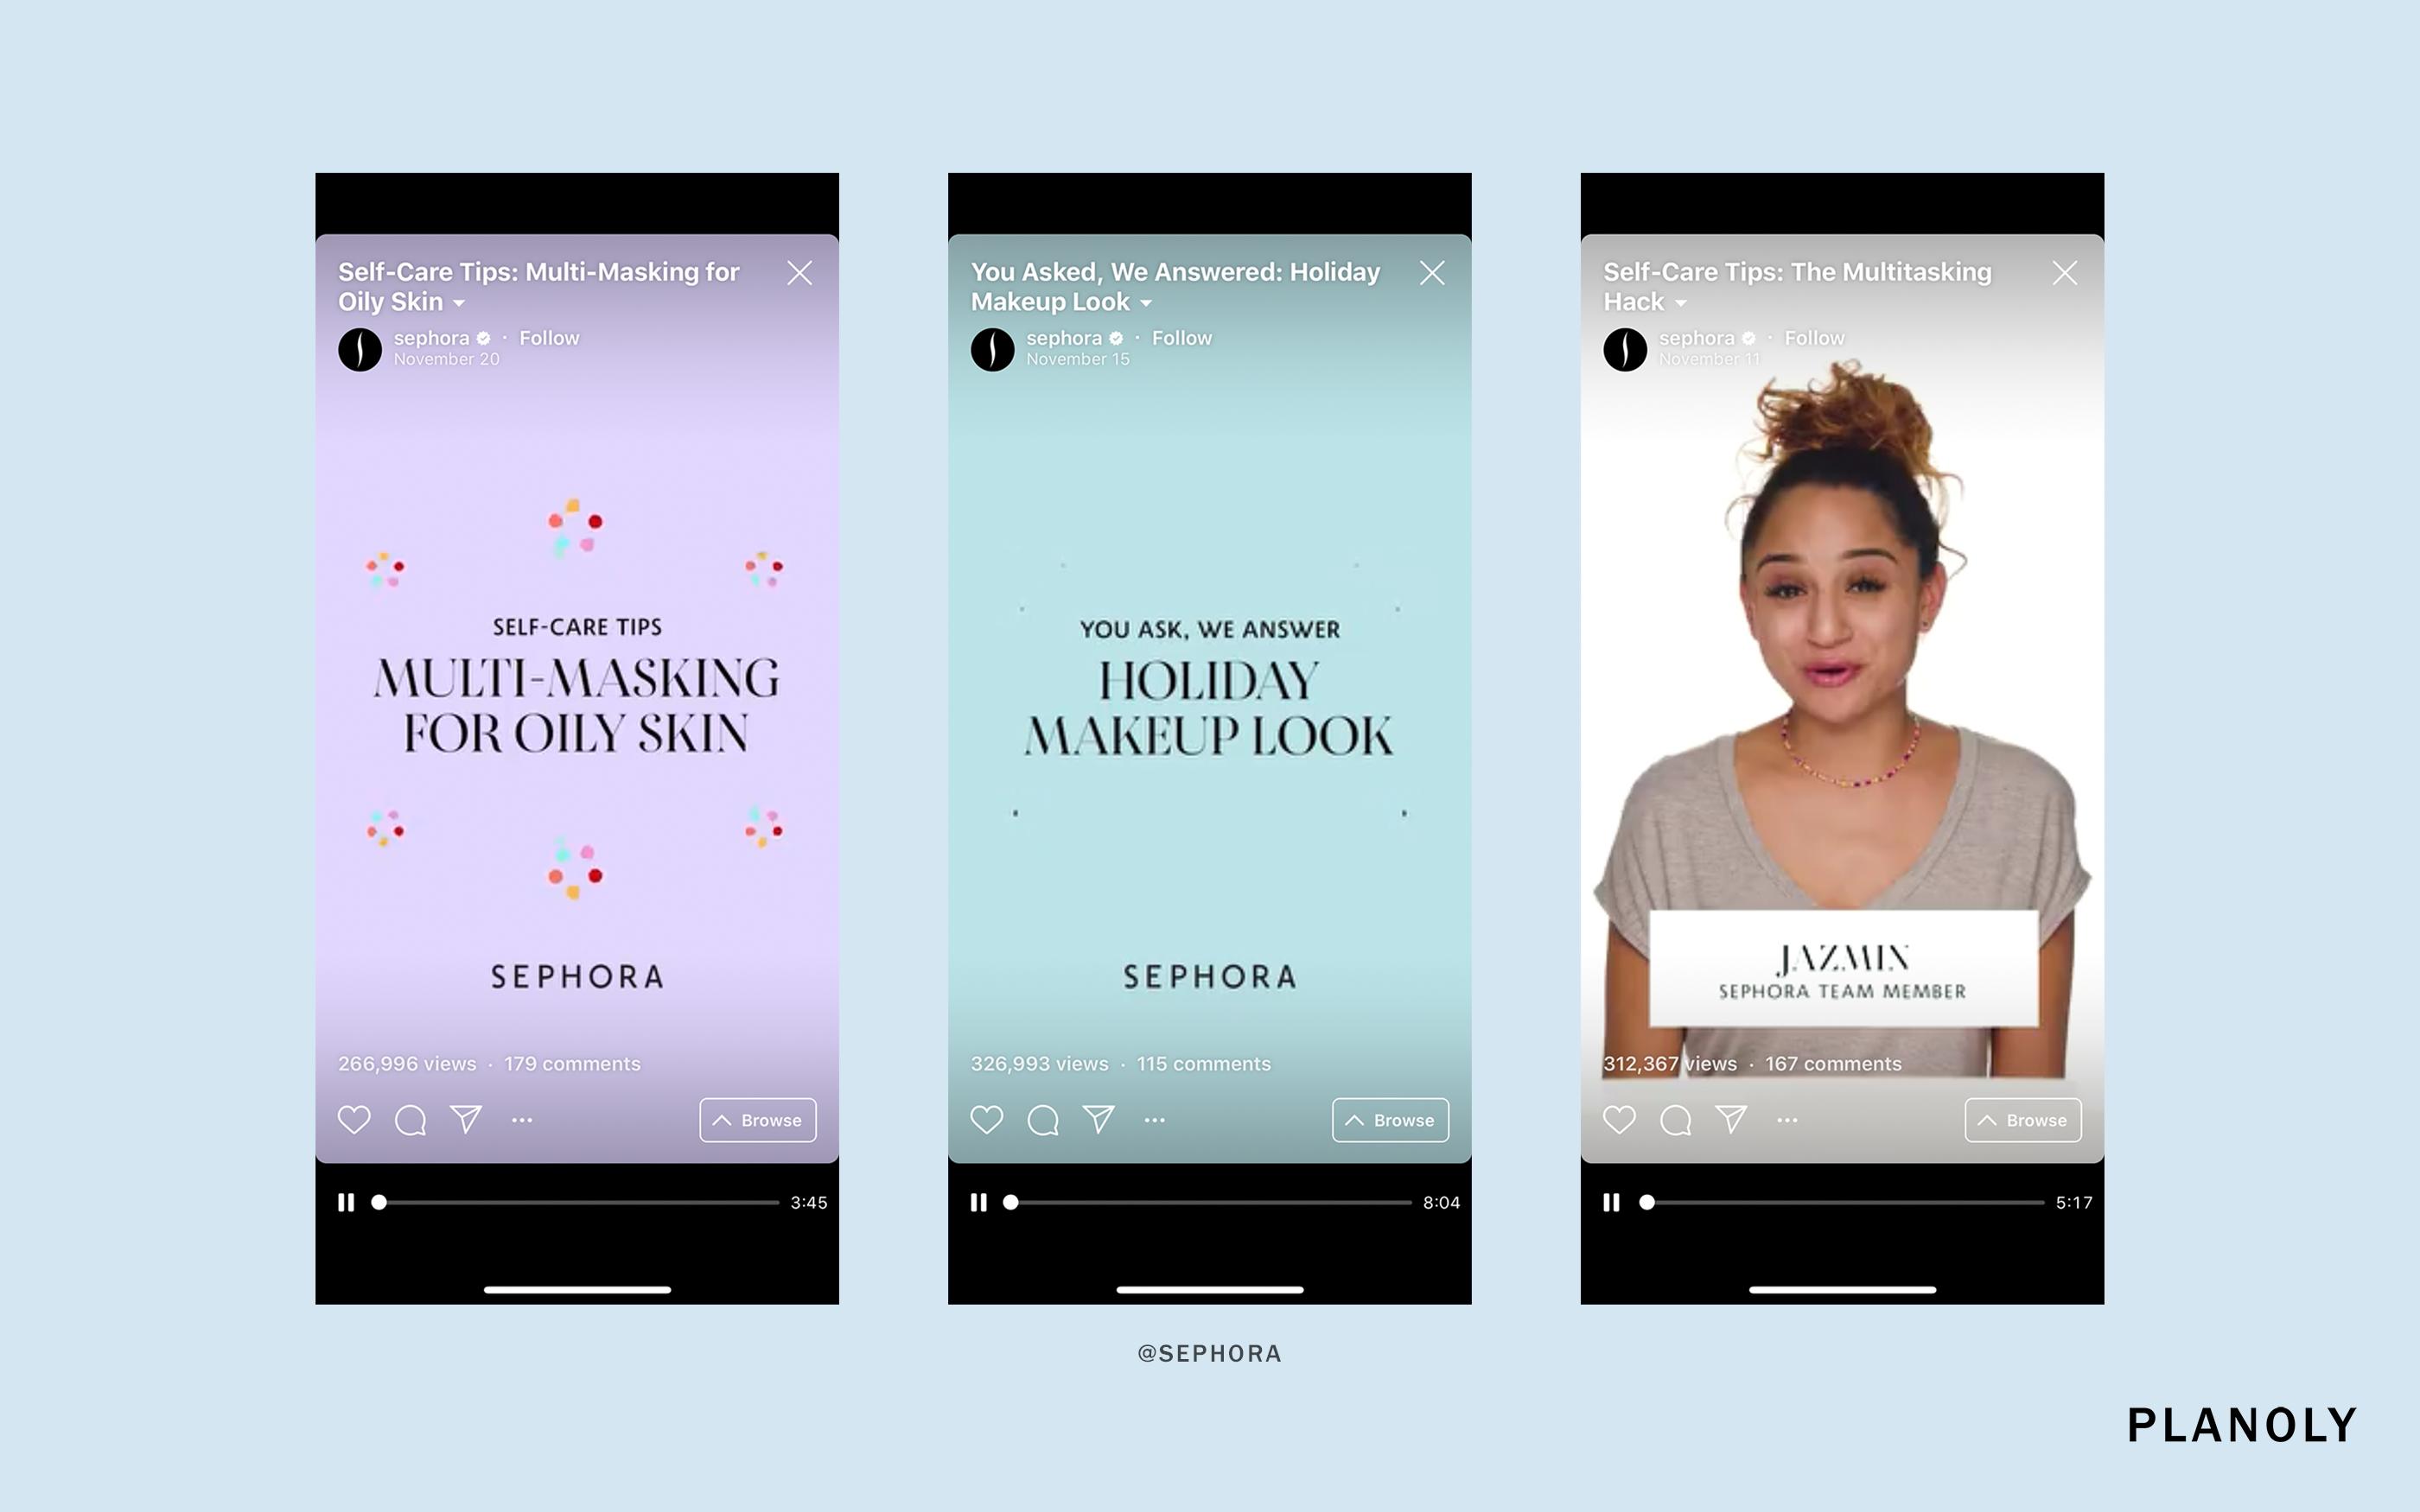 IGTV: How to Leverage Instagram's Expansive Video Platform